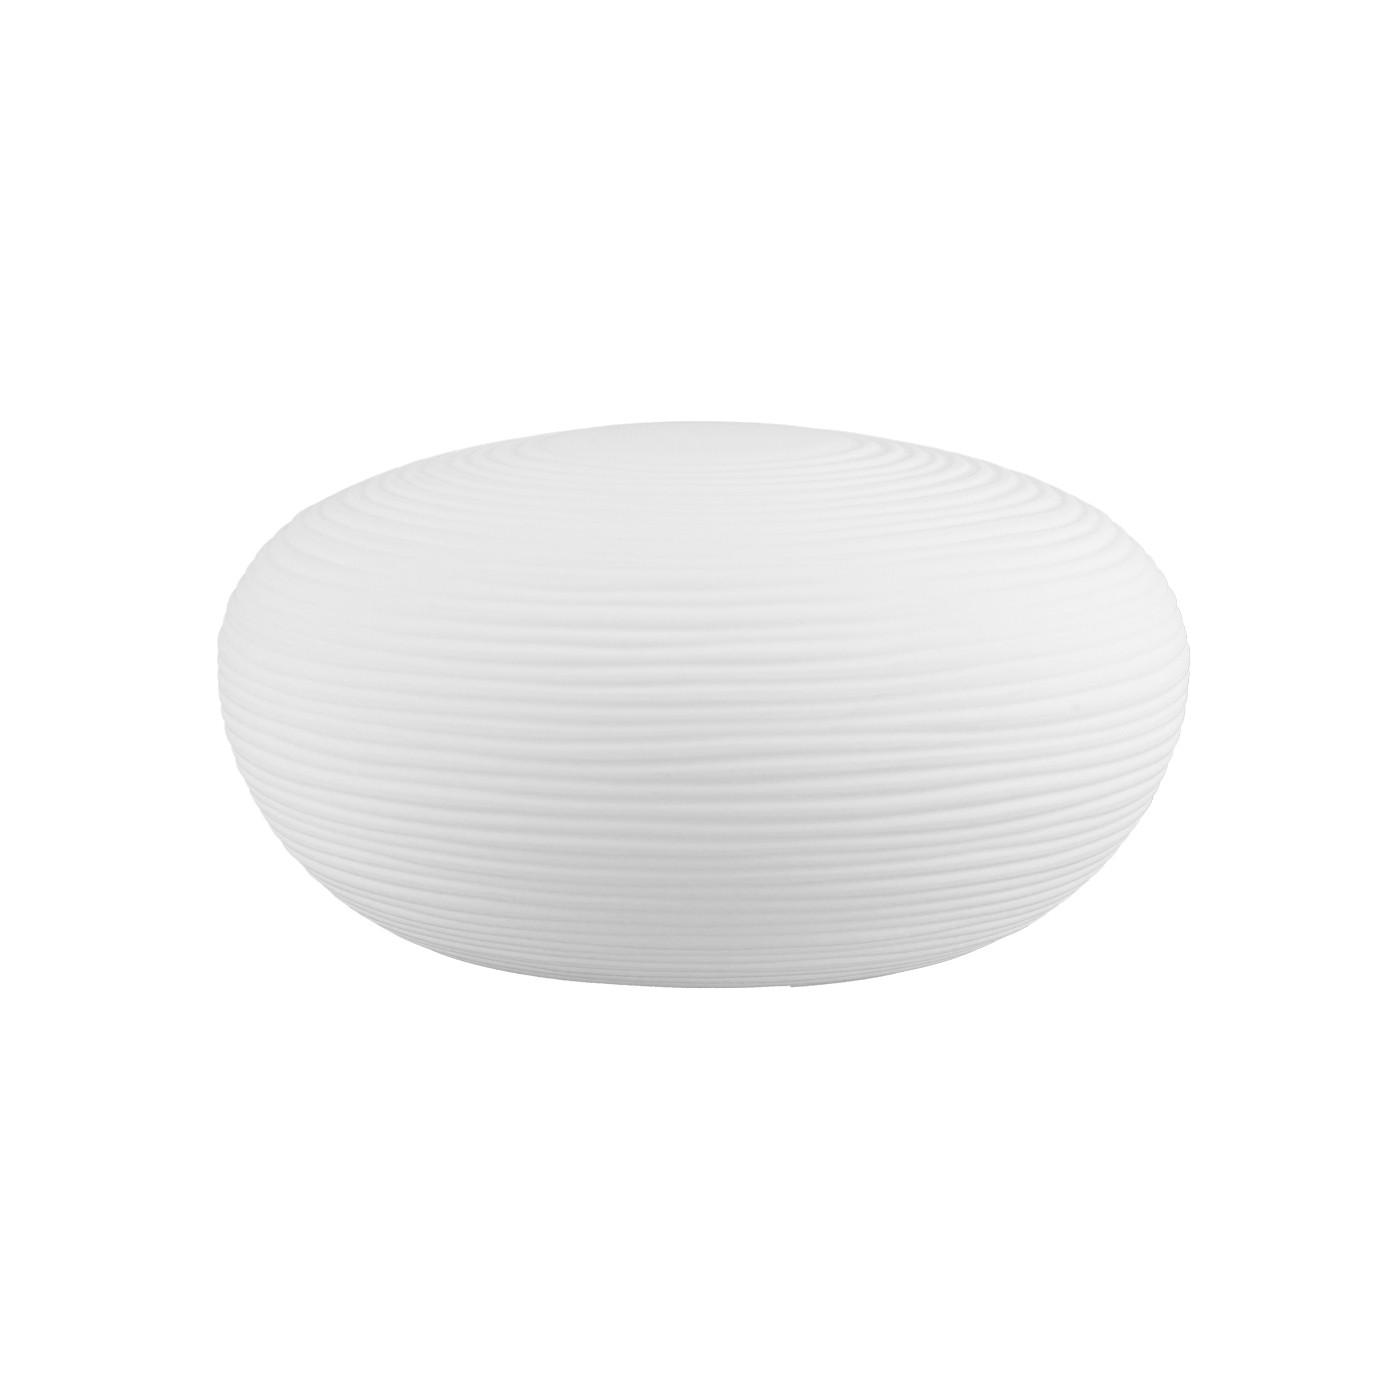 Foscarini Rituals 2 Ersatzglas für Tisch-, Decken- und Hängeleuchte